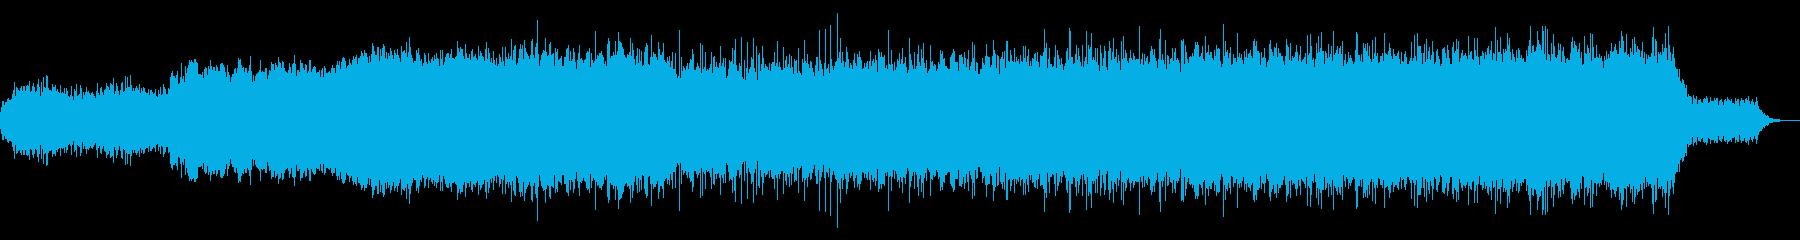 映画音楽、荘厳重厚、映像向け-13の再生済みの波形